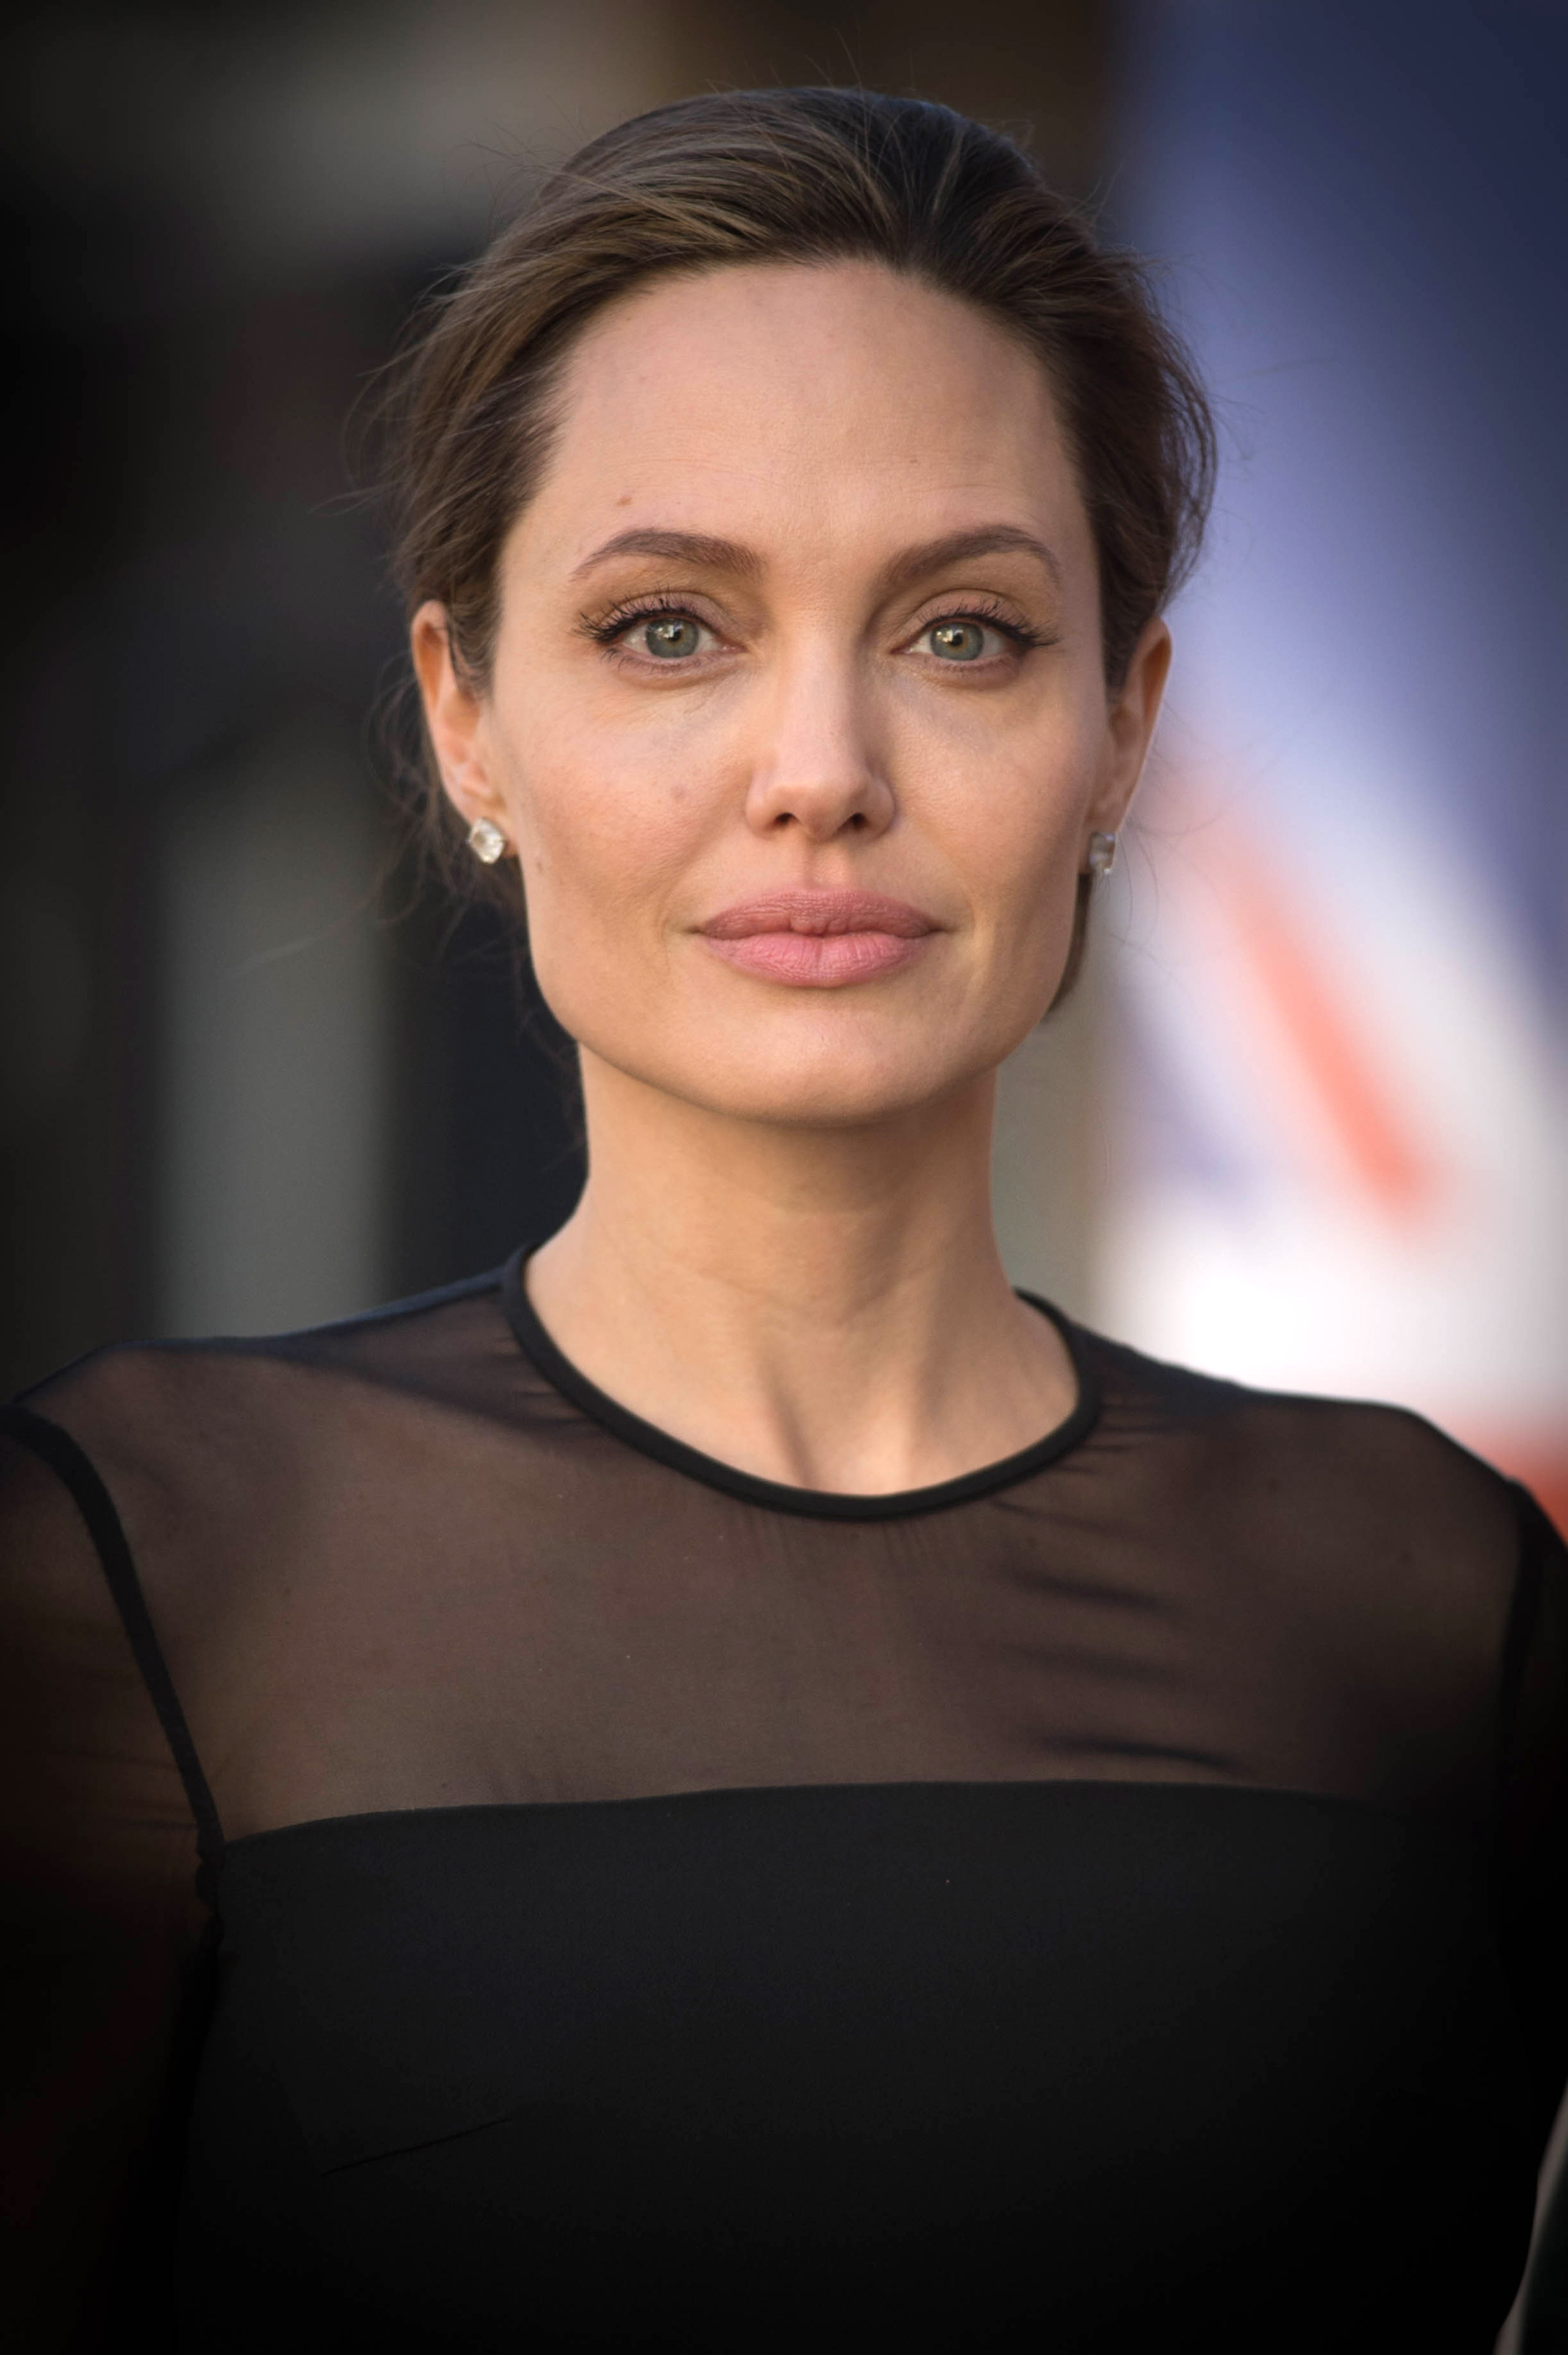 <p><strong>Анджелина Джоли</strong>&nbsp;- до края на снимачния процес на емоционалната драма &bdquo;Подмяната&ldquo; актрисата&nbsp;пази бременността си в тайна. Нейната героиня във филма всъщност губи своето дете и се сблъсква с много неприятни емоции за всяка майка. Близнаците Вивиан и Нокс на Анджелина Джоли и Брад Пит се раждат месеци преди премиерата на филма.</p>